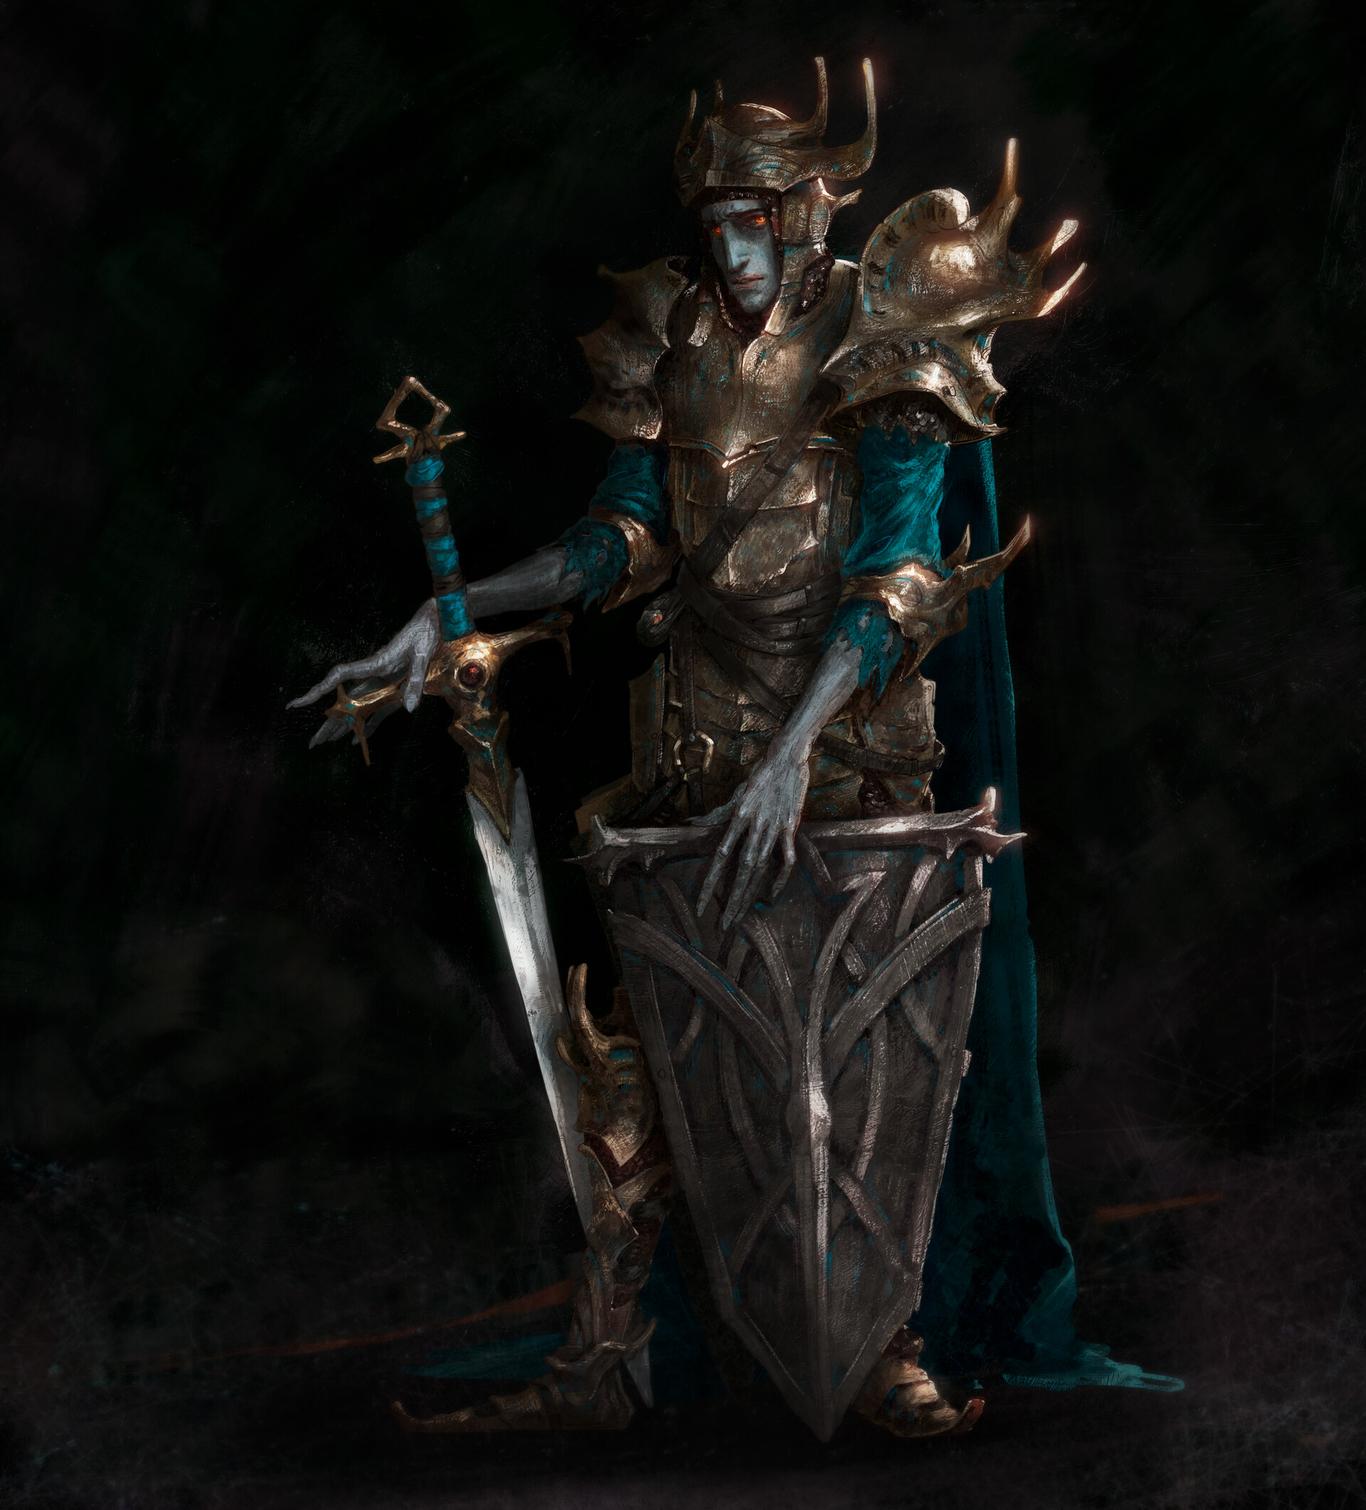 Nareksamvelyan knight 1 026aec49 gau2